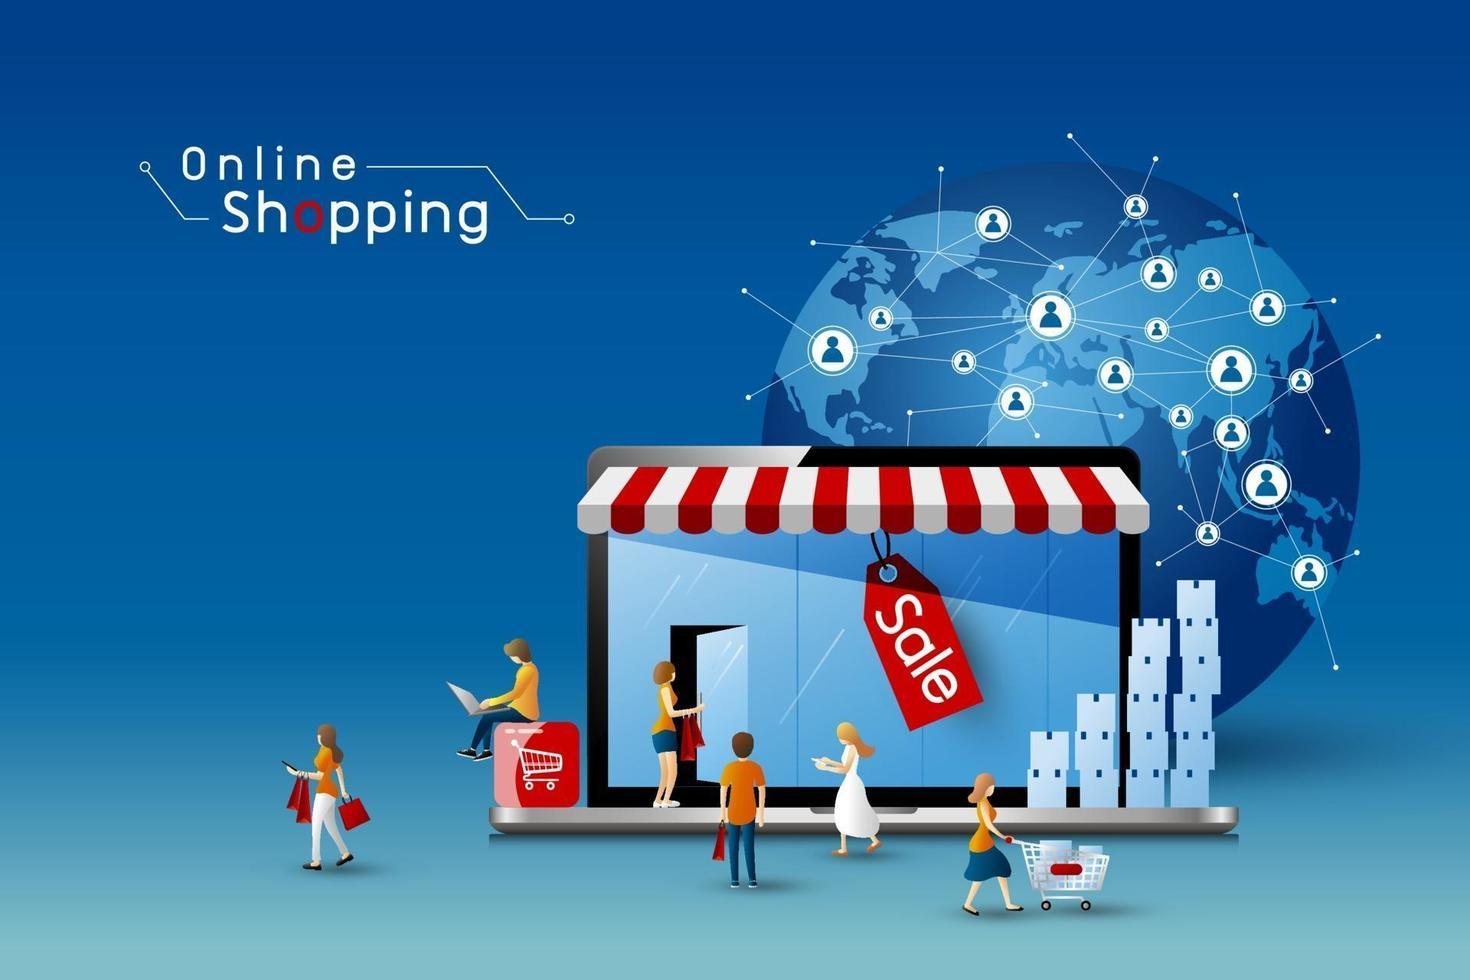 conception de magasinage en ligne d & # 39; ordinateur portable et de personnes avec illustration vectorielle de connexion réseau mondial vecteur